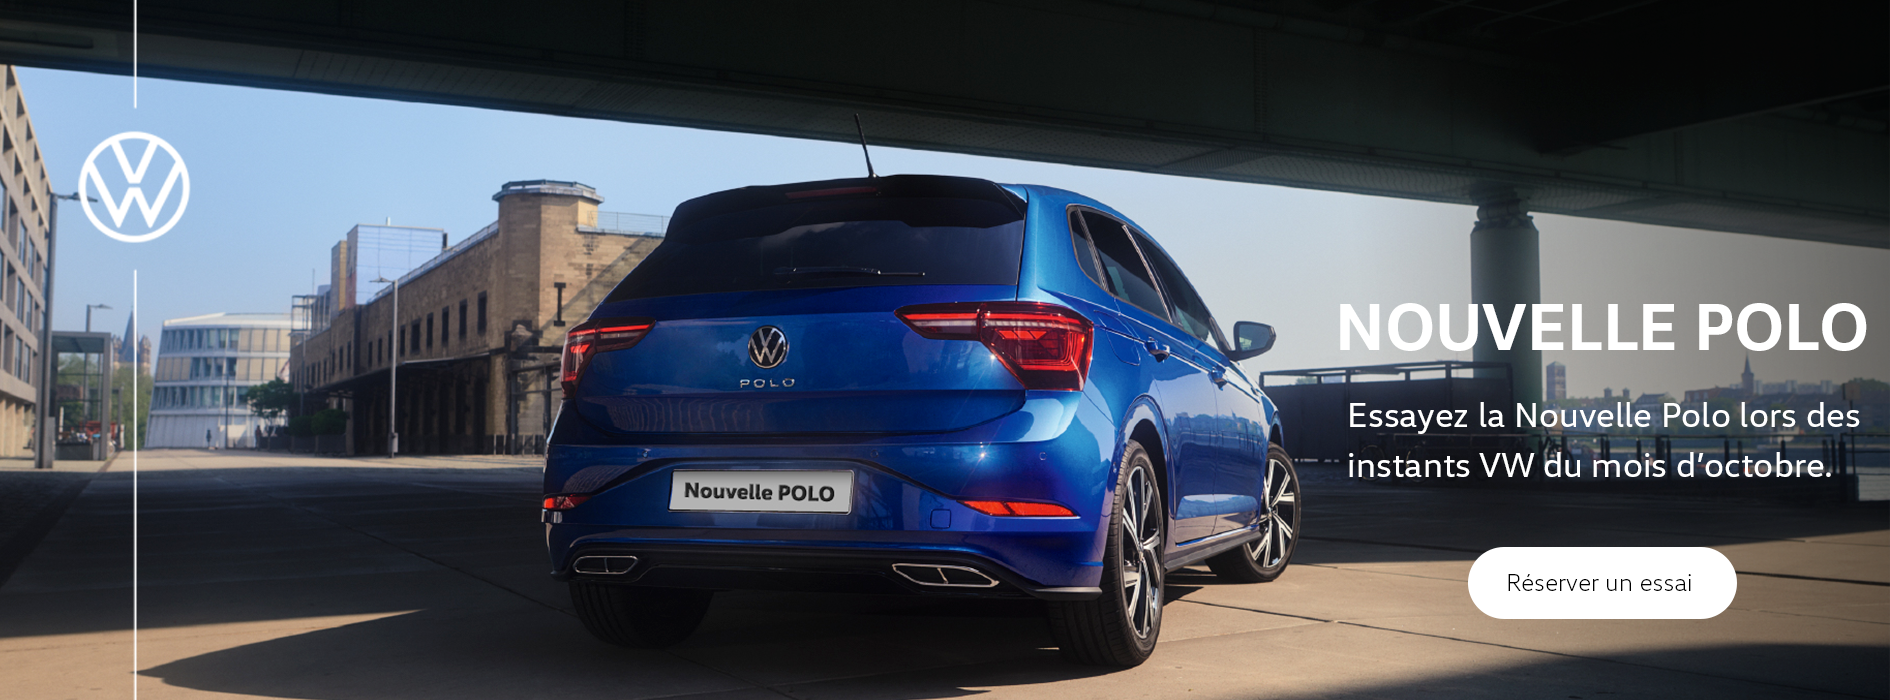 Bannière VW Nouvelle Polo Laval